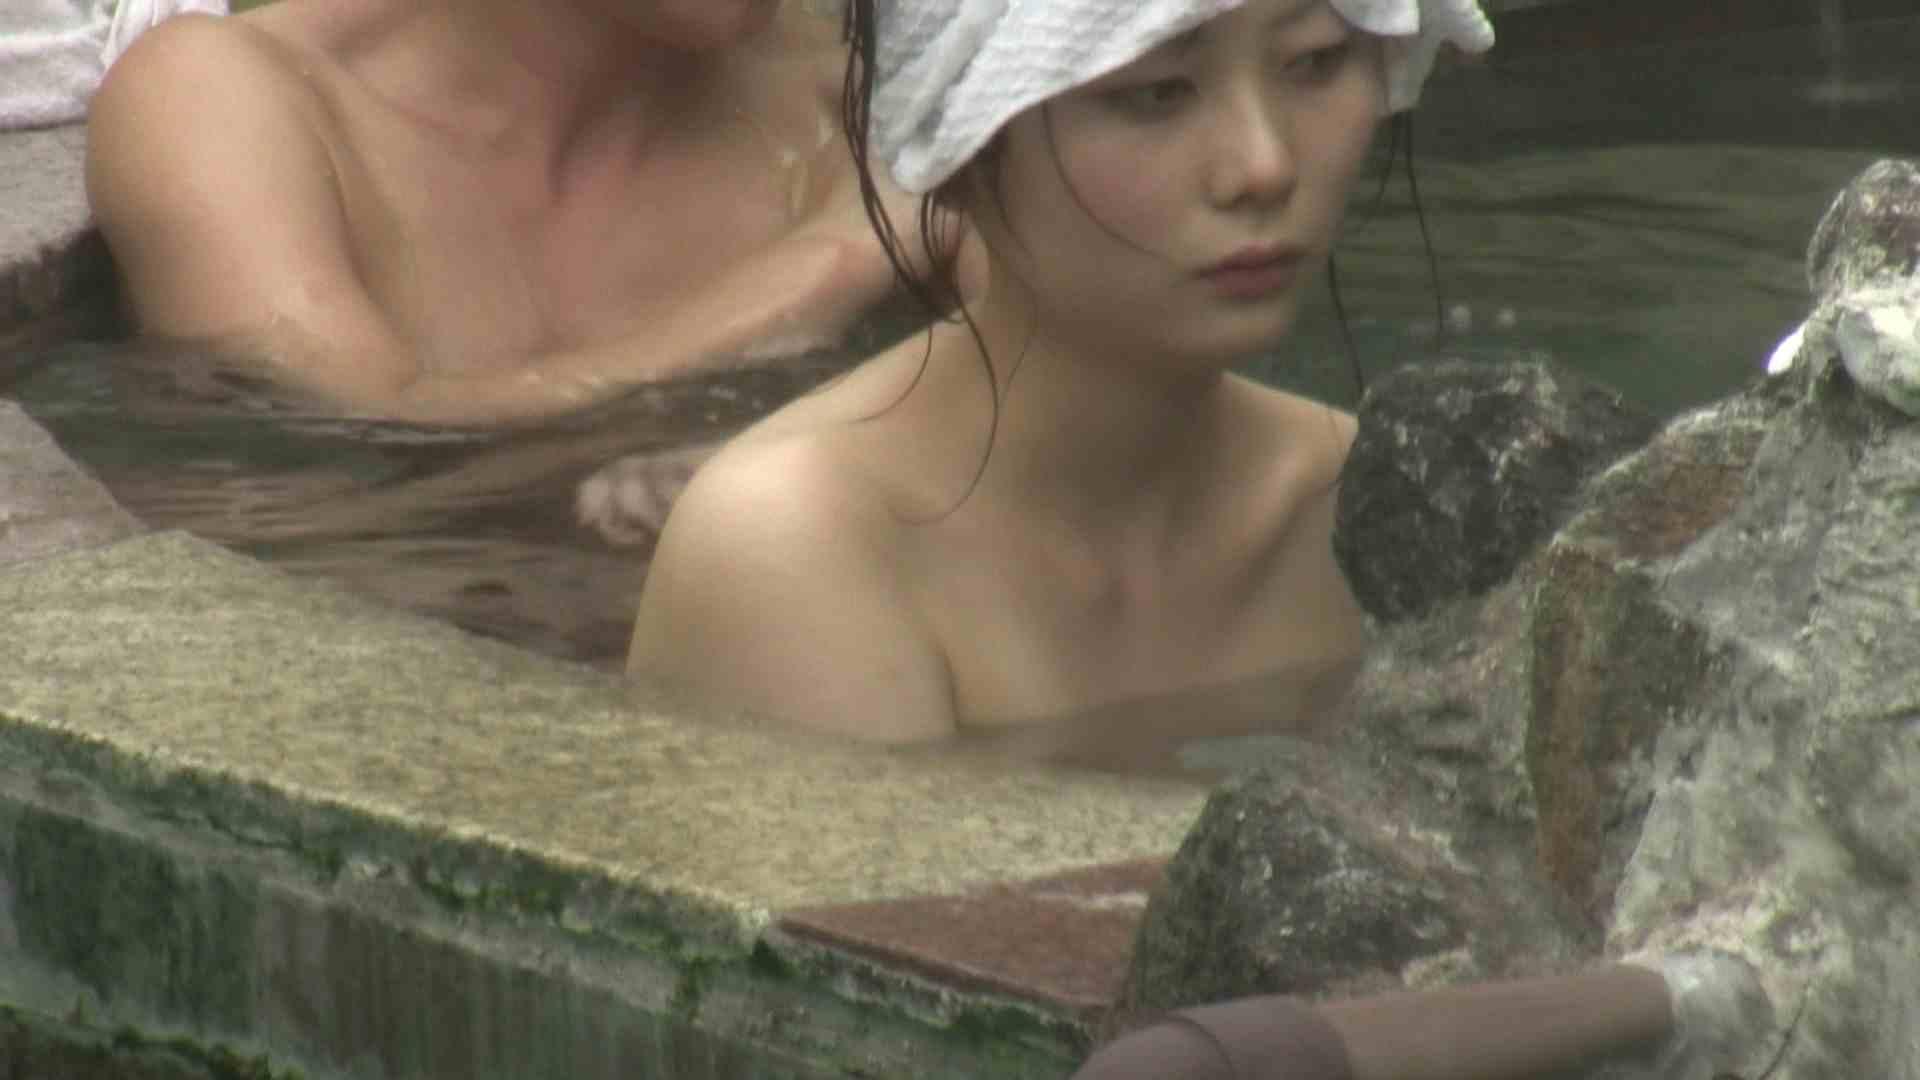 Aquaな露天風呂Vol.147 盗撮シリーズ  80PIX 4